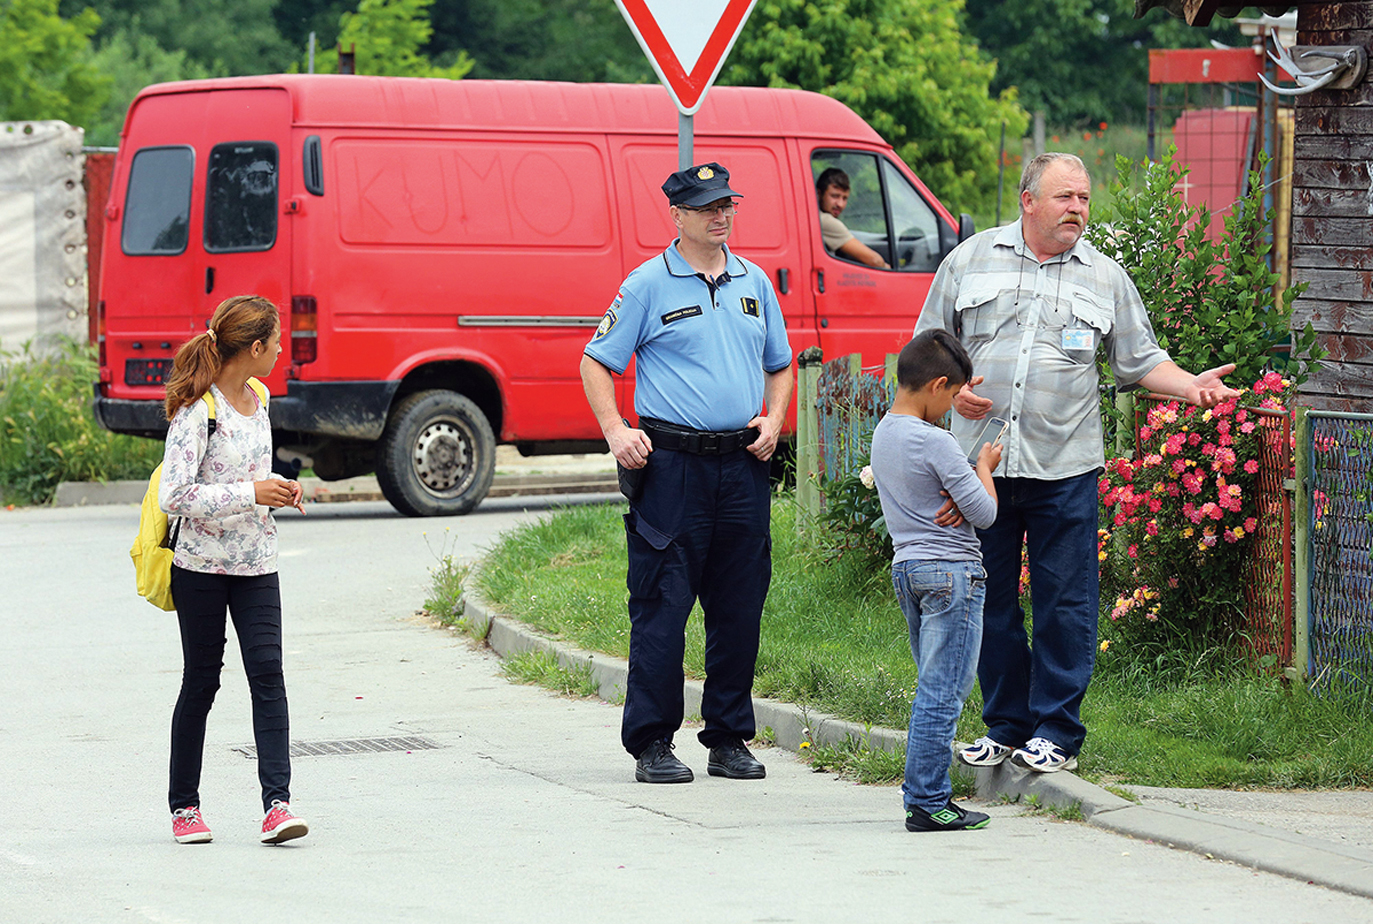 Mursko Sredisce, 250518. Reportaza o romskim naseljima u okolici Cakovca. Foto: Davor Pongracic / CROPIX